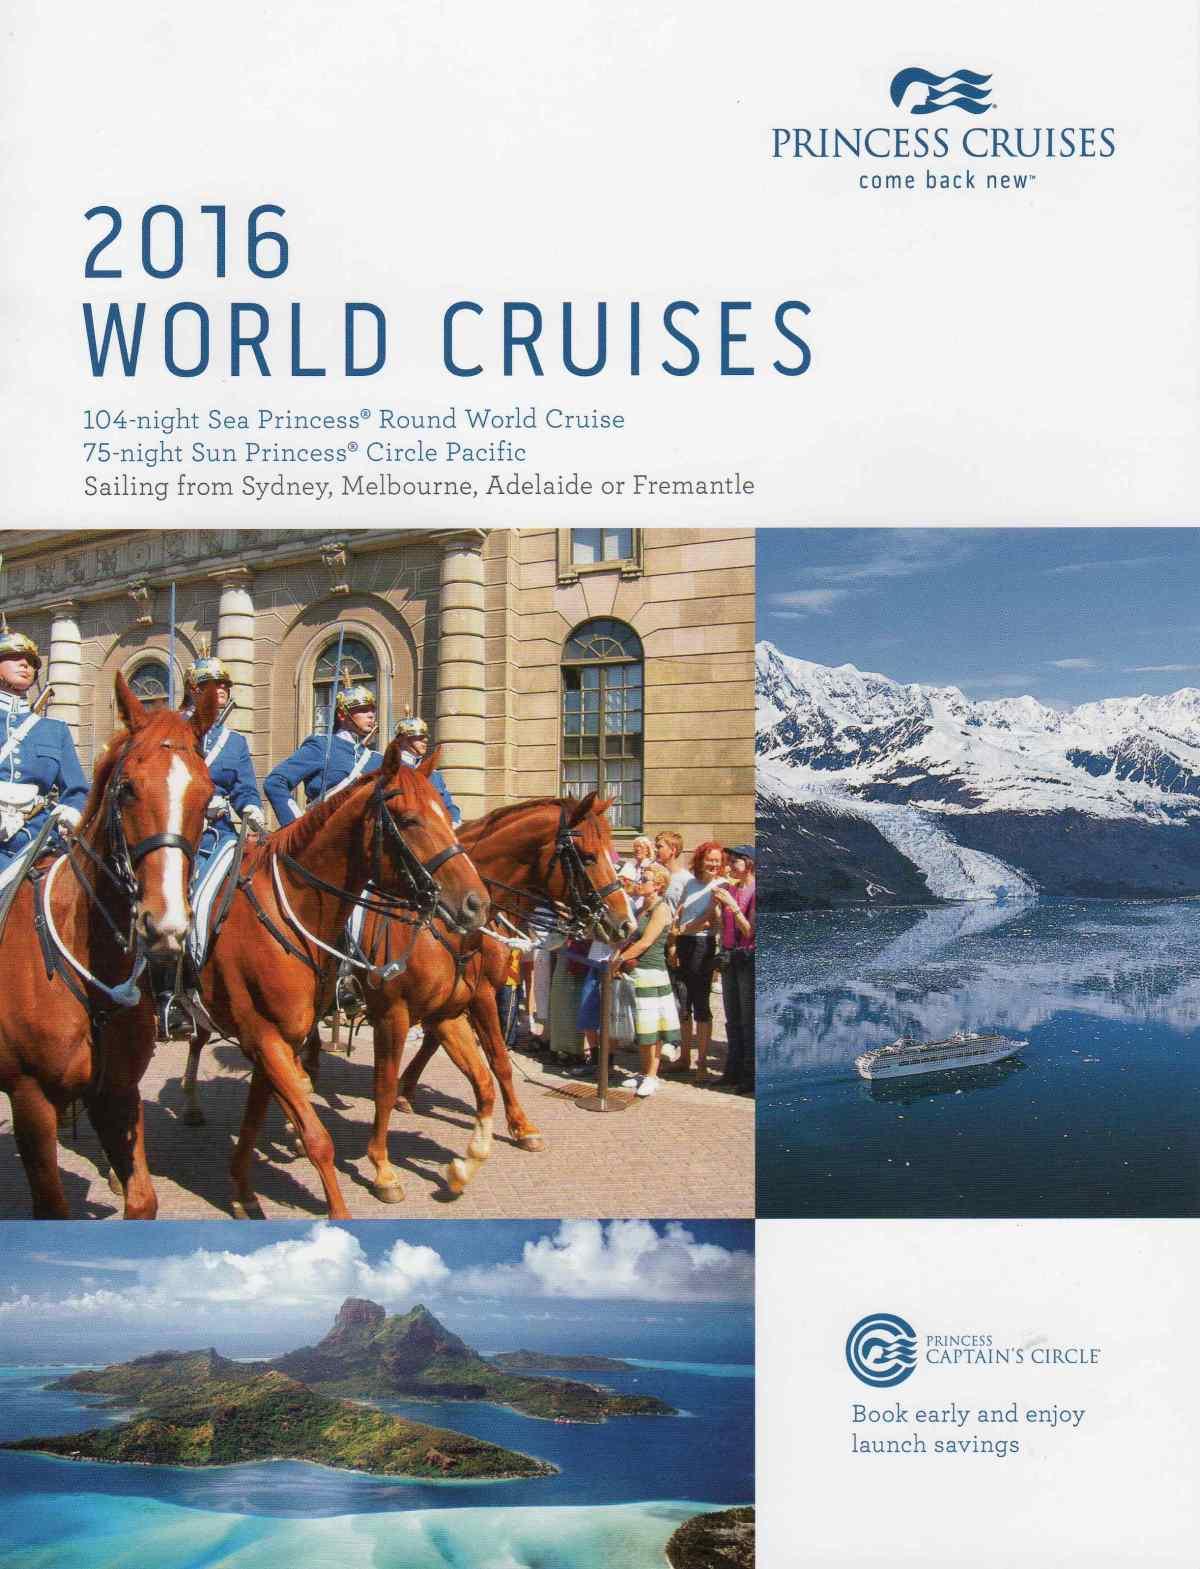 2016 World Cruises